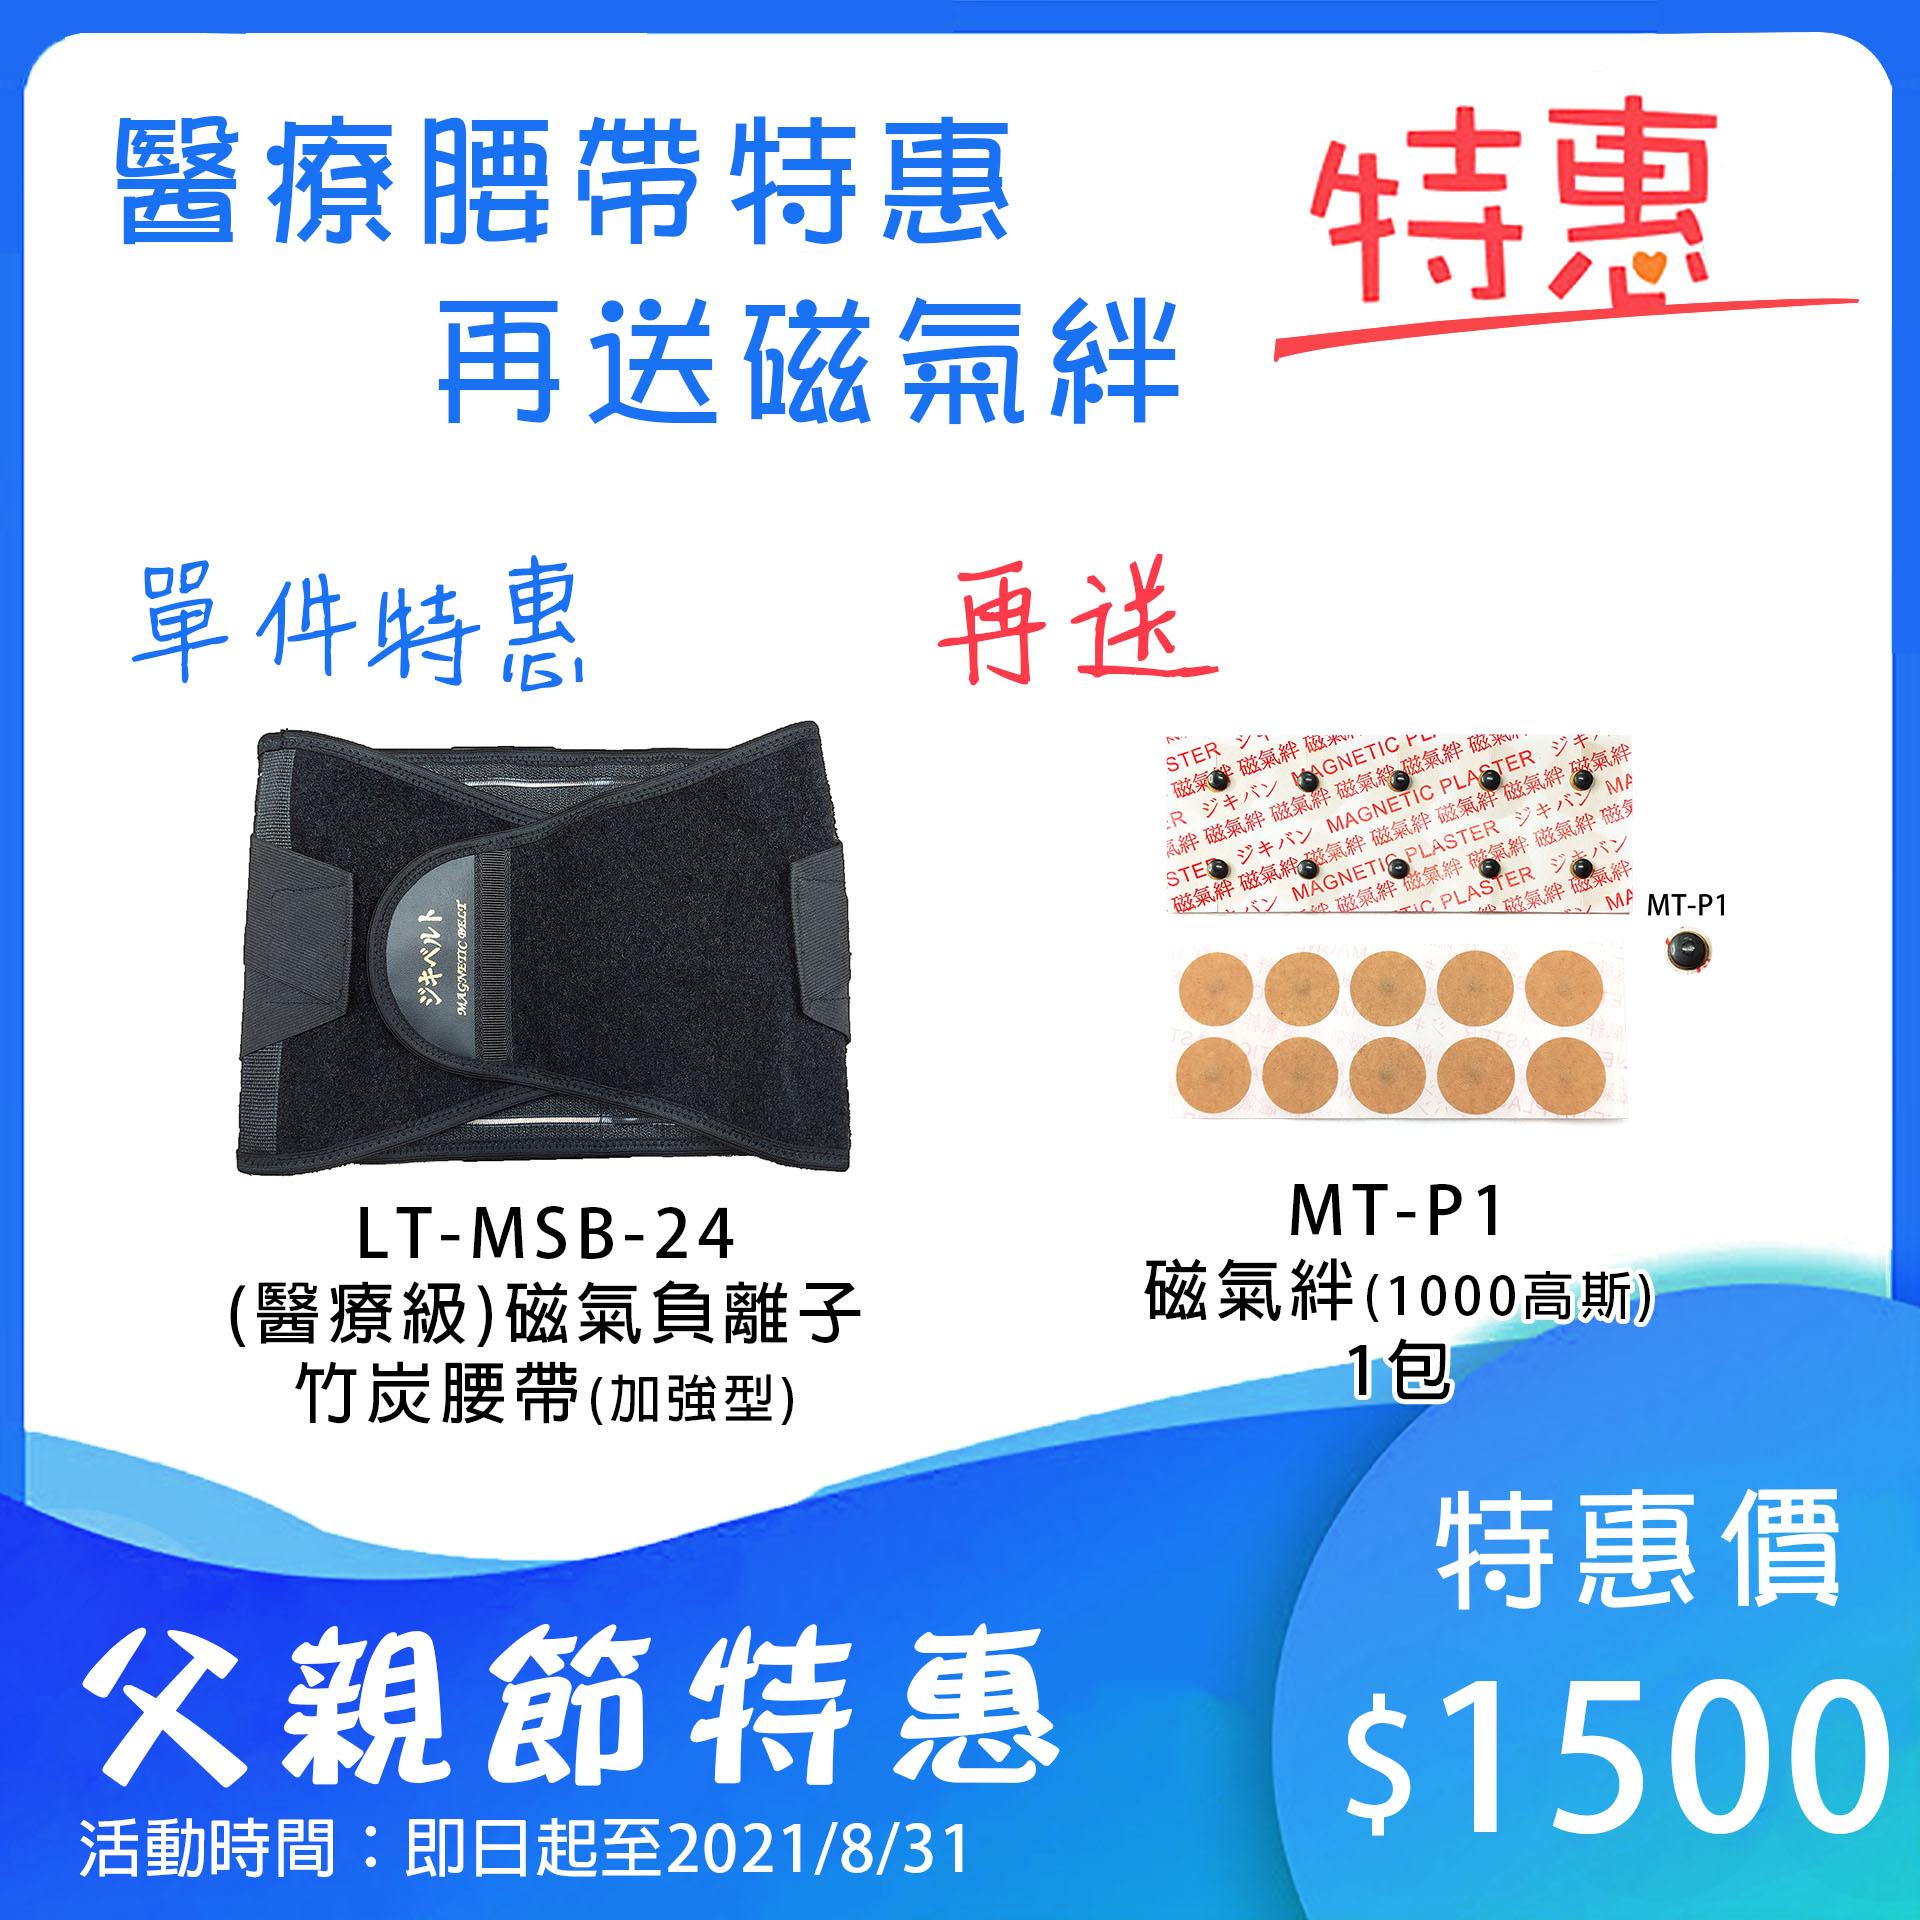 2021父親節特惠-單獨優惠圖片-組合5:醫療腰帶特惠再送磁氣絆MT-P1